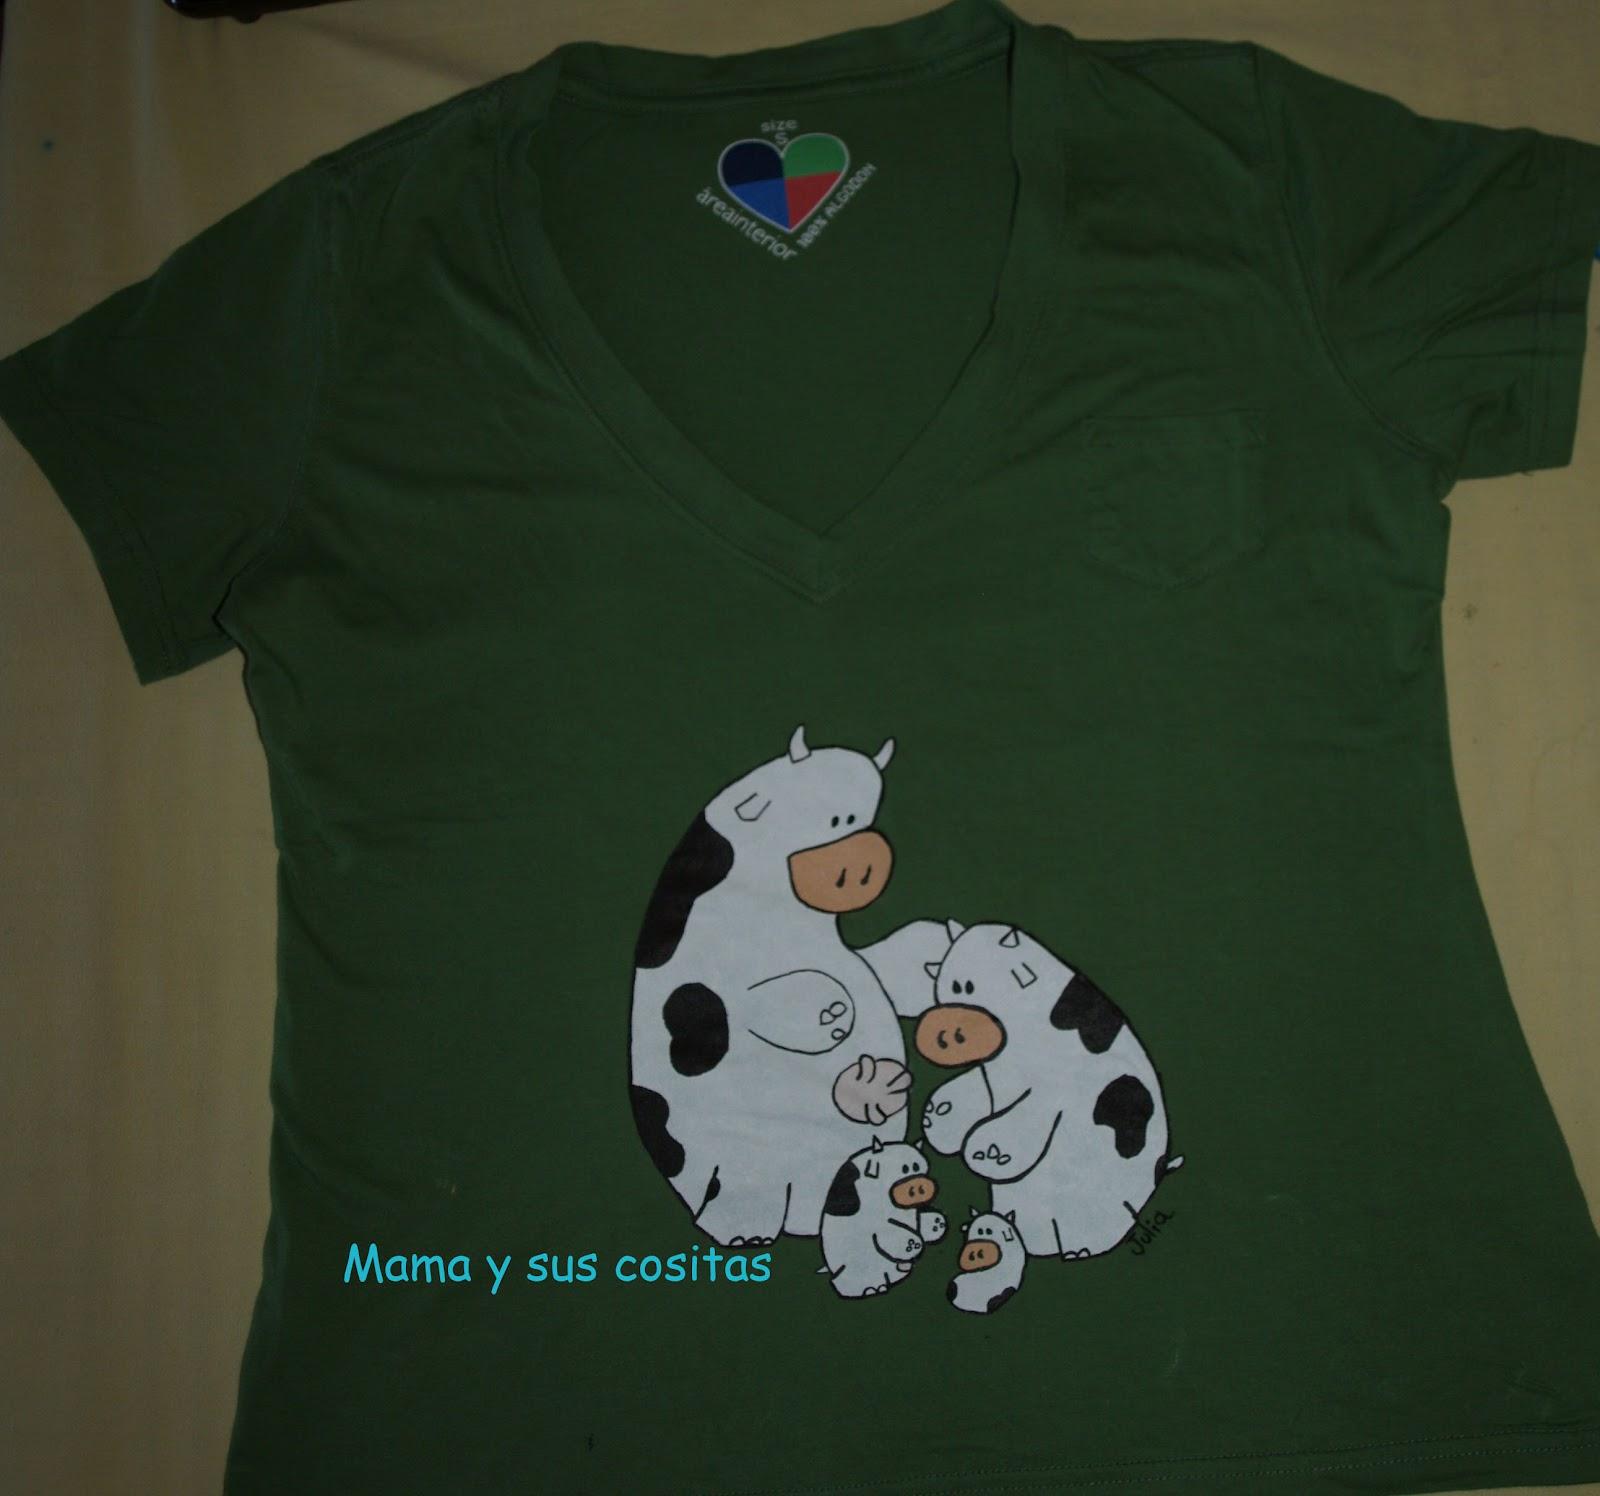 Mam y sus cositas camisetas pintadas - Plantillas para pintar camisetas ...